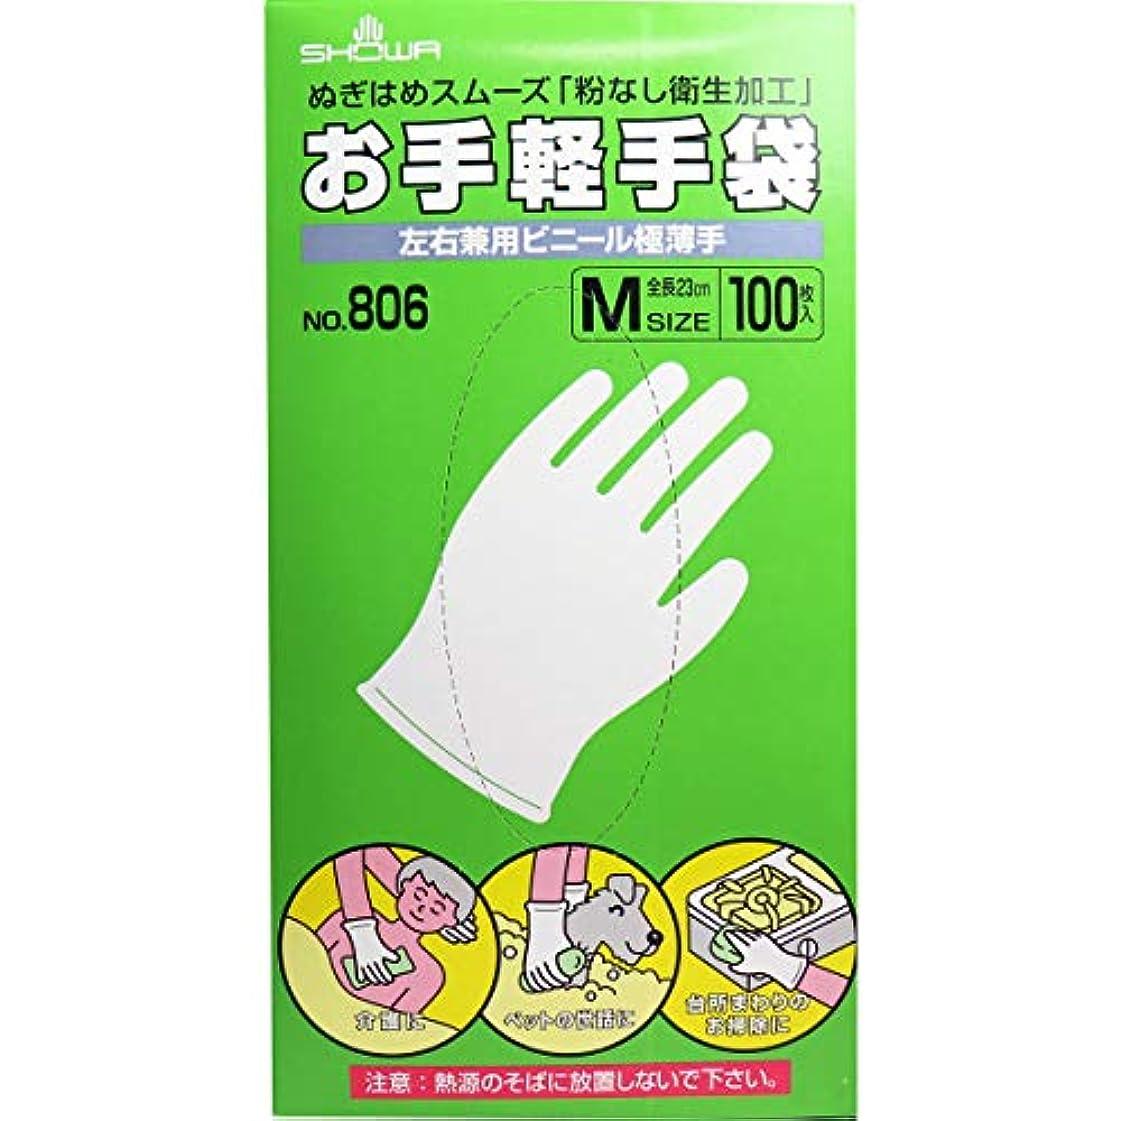 チューブどうやらモンゴメリーお手軽手袋 No.806 左右兼用ビニール極薄手 粉なし Mサイズ 100枚入×2個セット